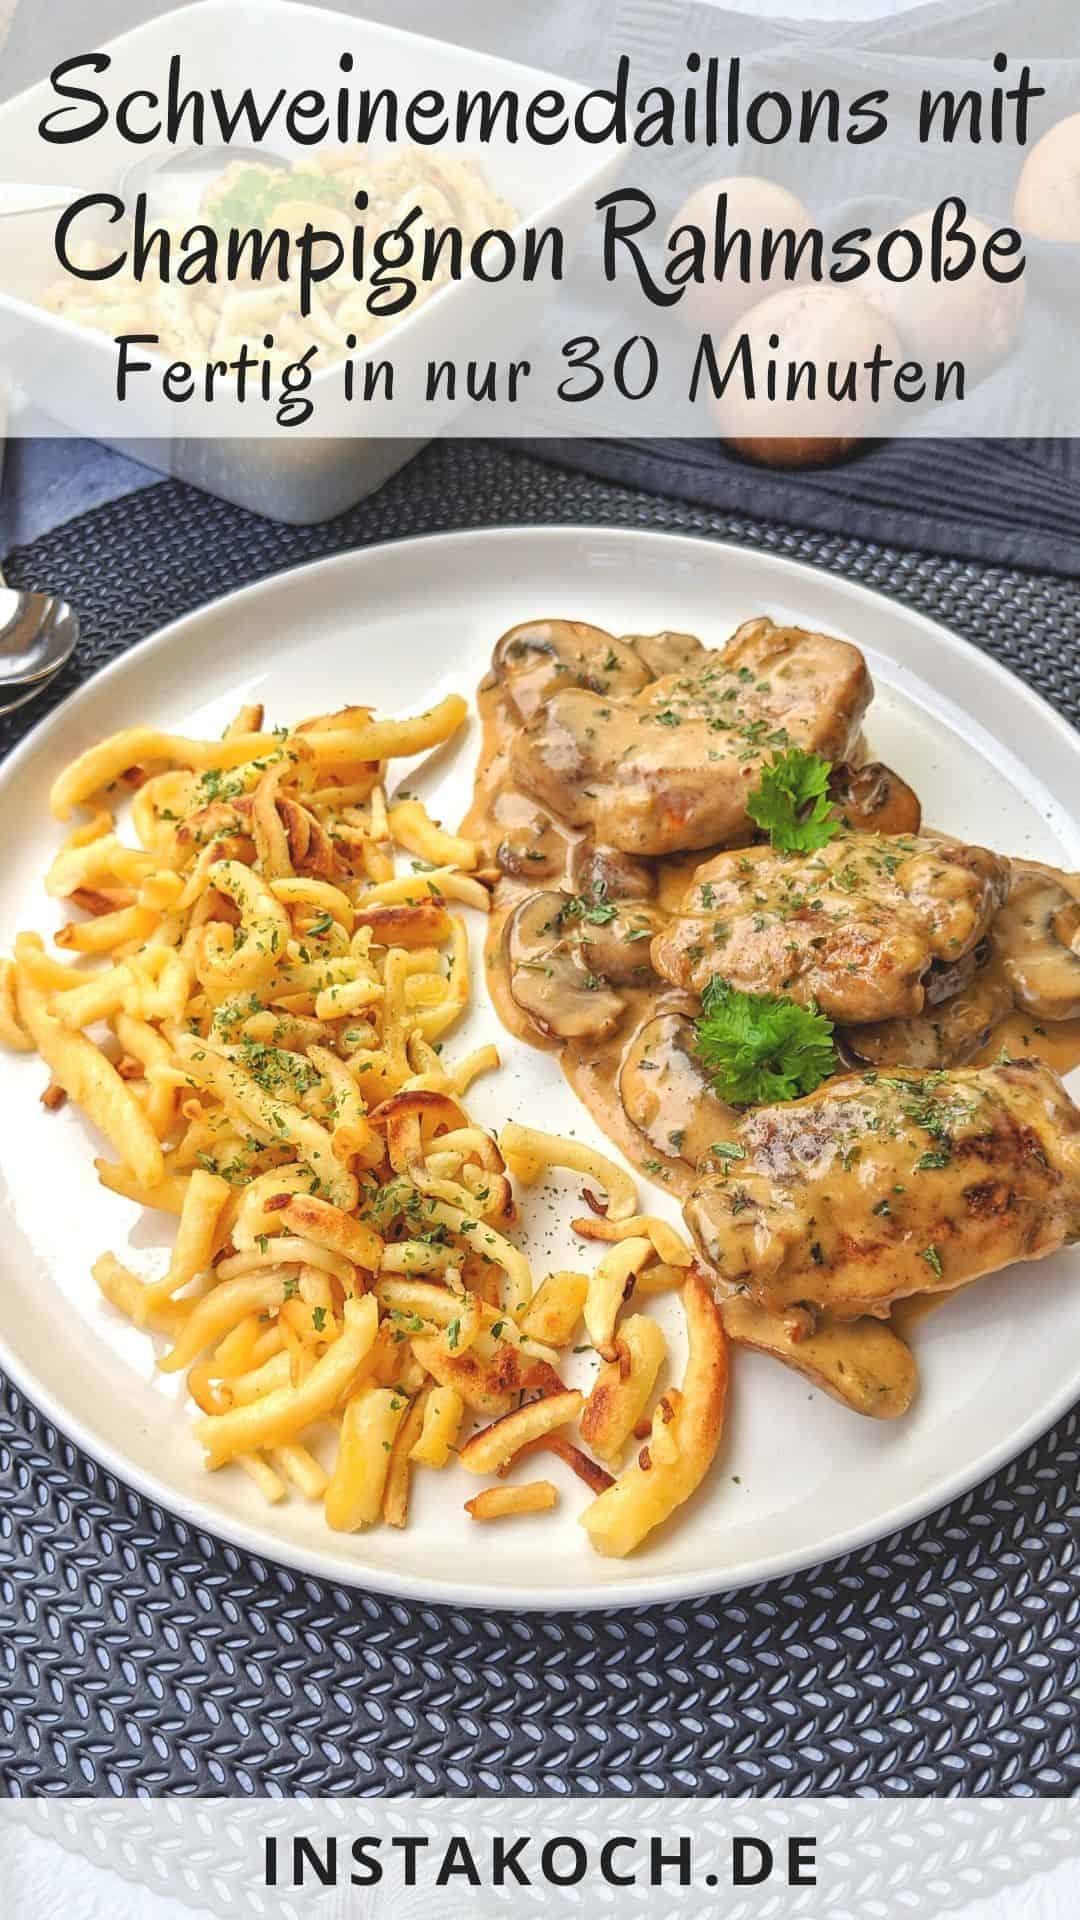 Ein weisser Teller Schweinemedaillons mit Champignon Rahmsoße mit Spätzle. Dahinter eine Schale mit Spätzle und Deko.